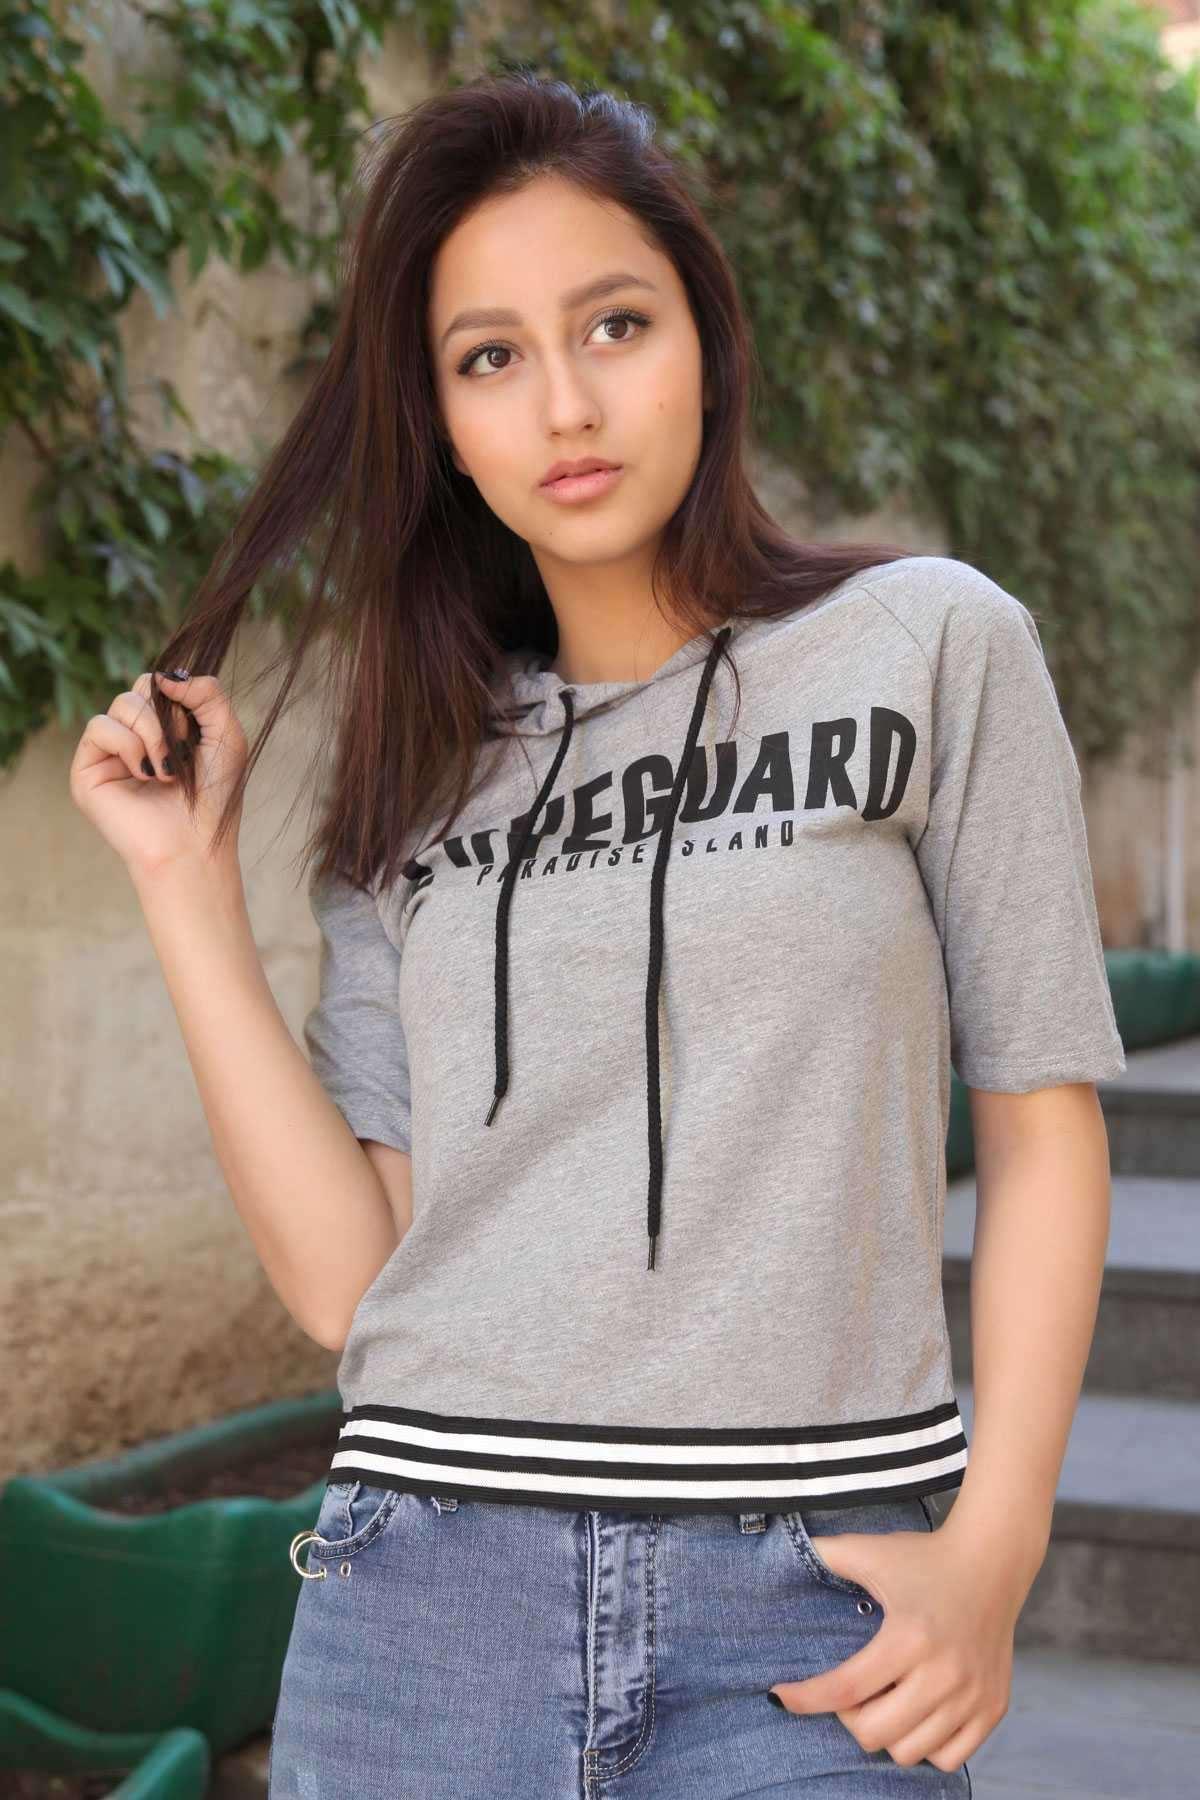 Önü Loveguard Yazılı Kapşon Detaylı Eteği Şeritli Tişört Gri